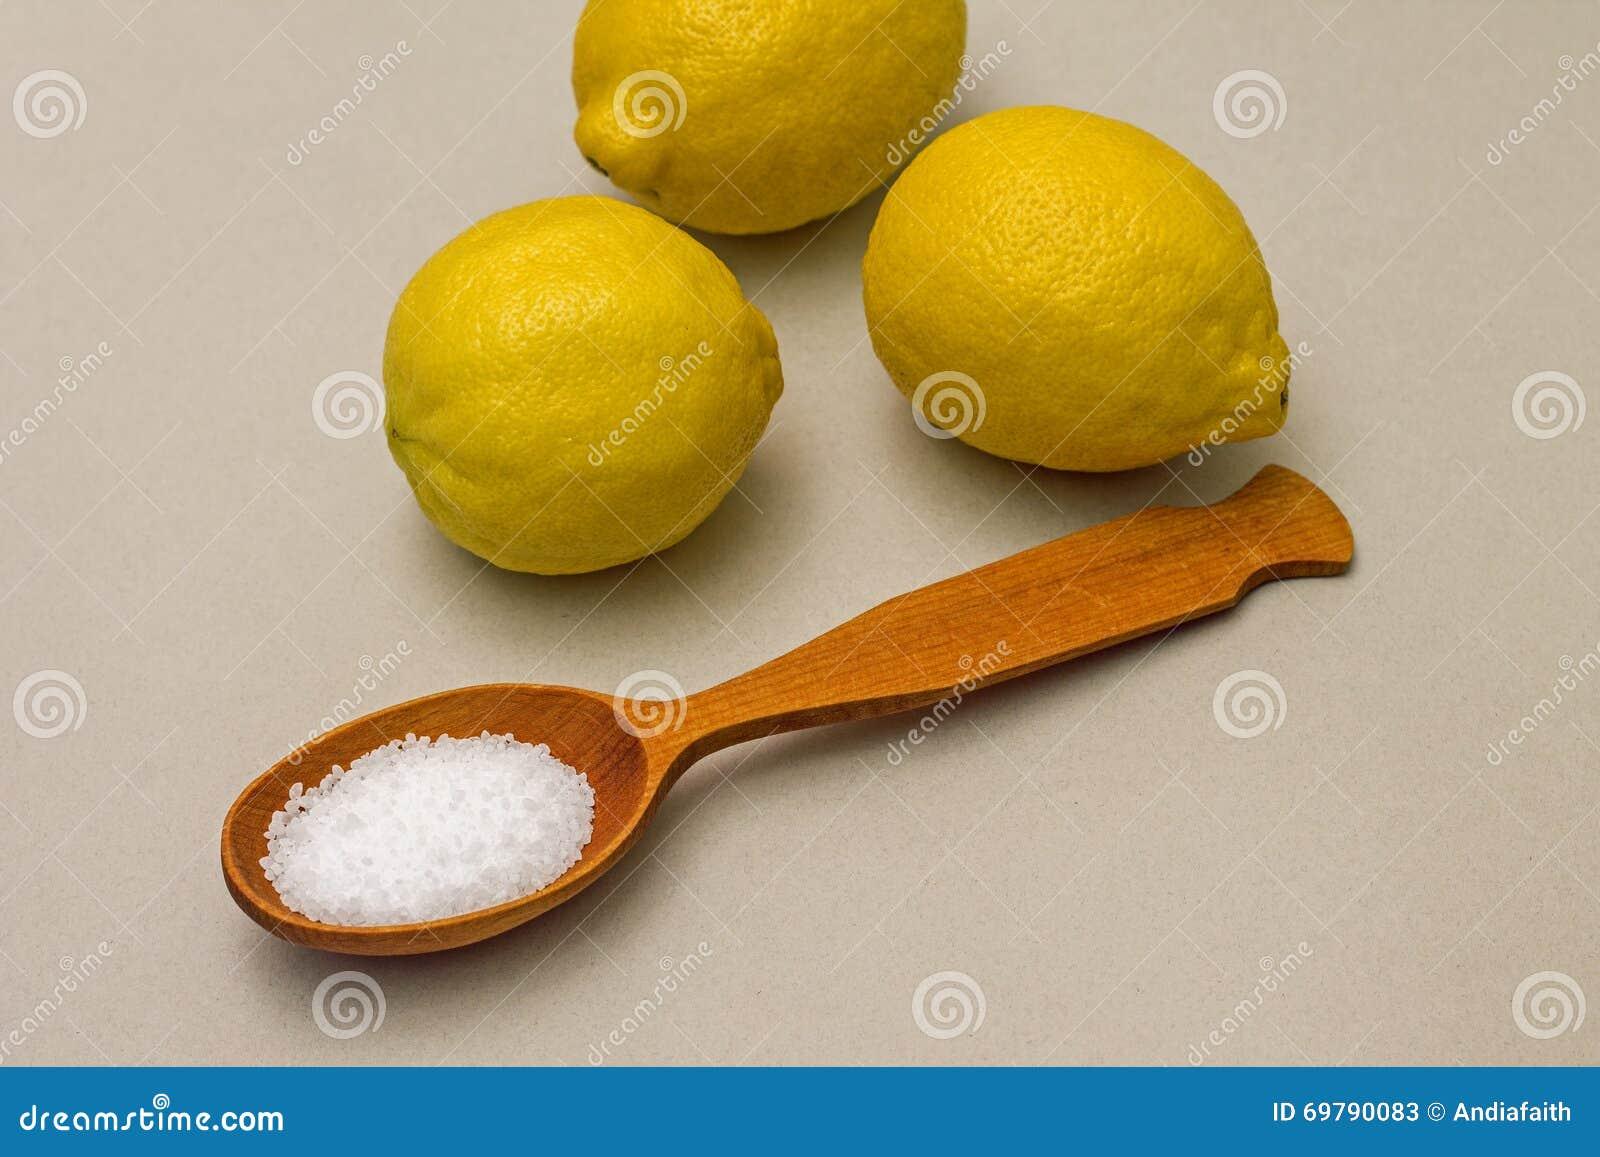 Ácido cítrico en cuchara en el fondo de limones